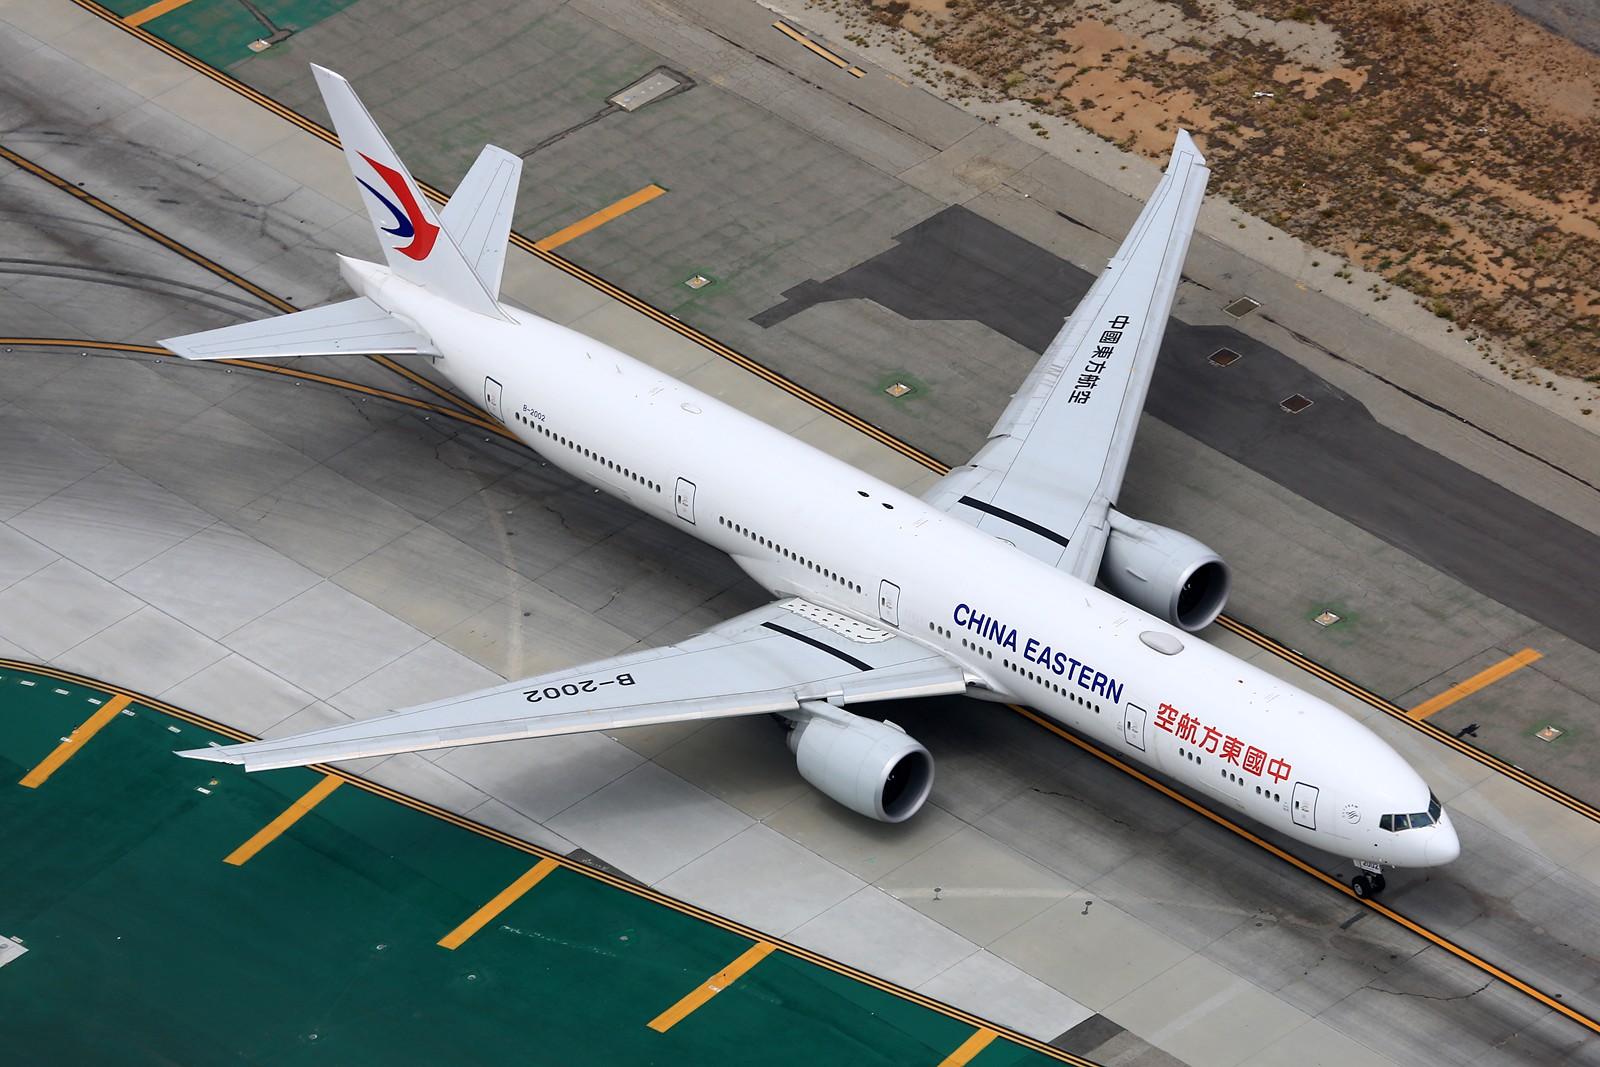 [原创]【LAX】**********777级了,空对空&空对地部分777合集[1600*1067]********** BOEING 777-300ER B-2002 美国洛杉矶机场